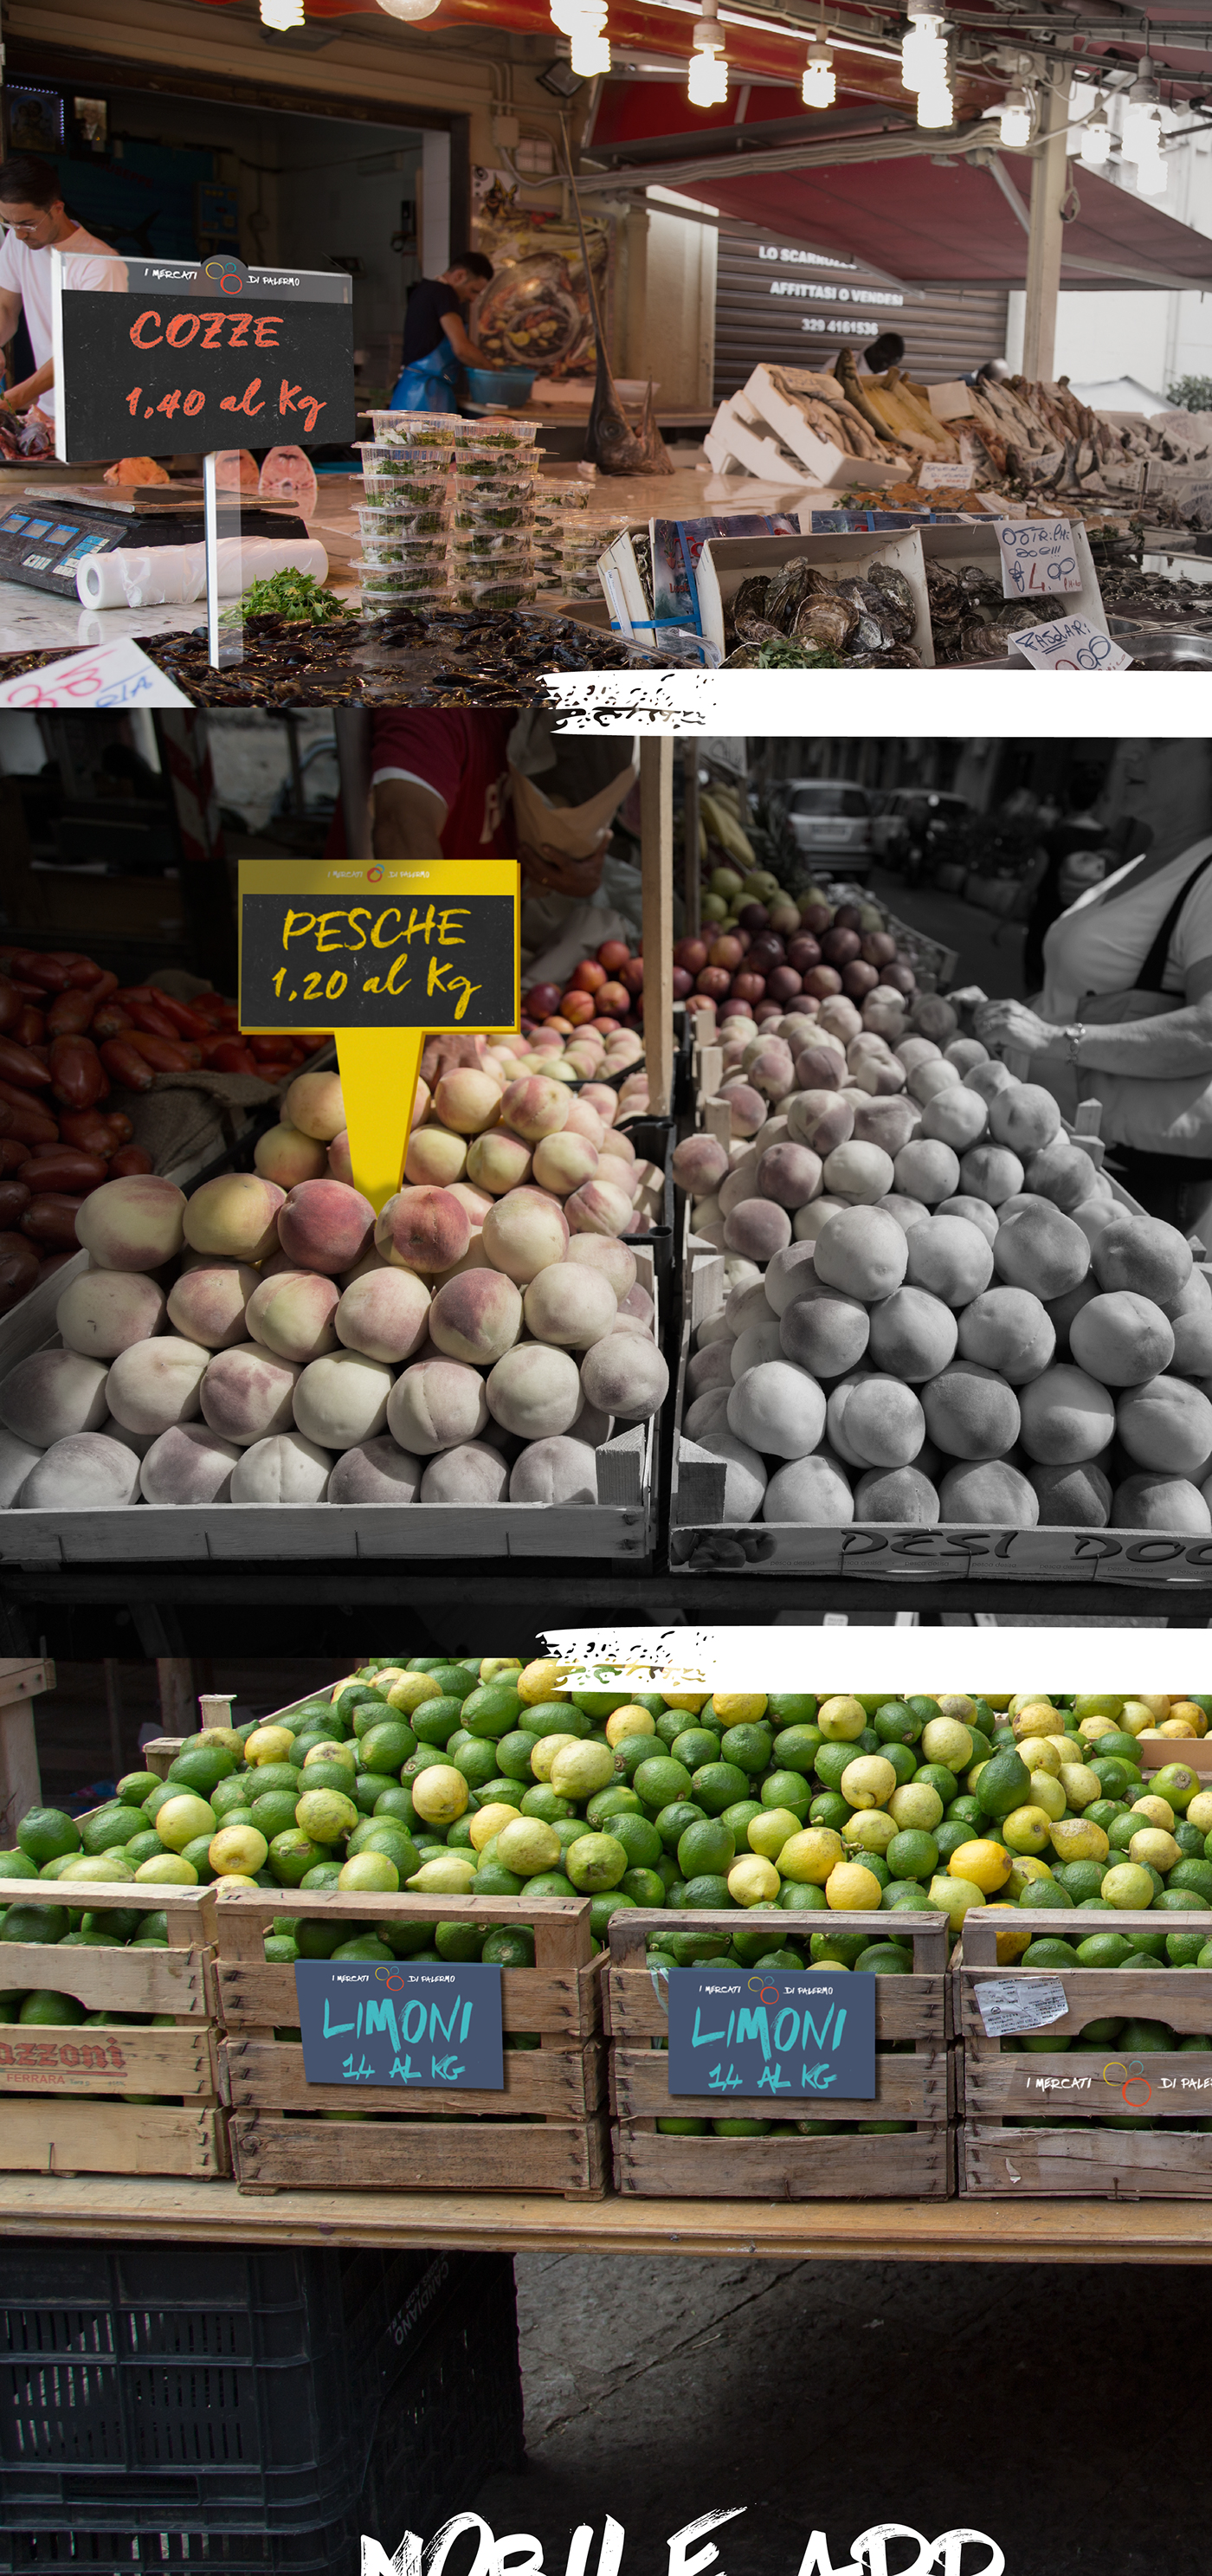 Logotype brand graphic design identity app user experience Food  market Palermo mercati ballarò Vucciria capo sicily